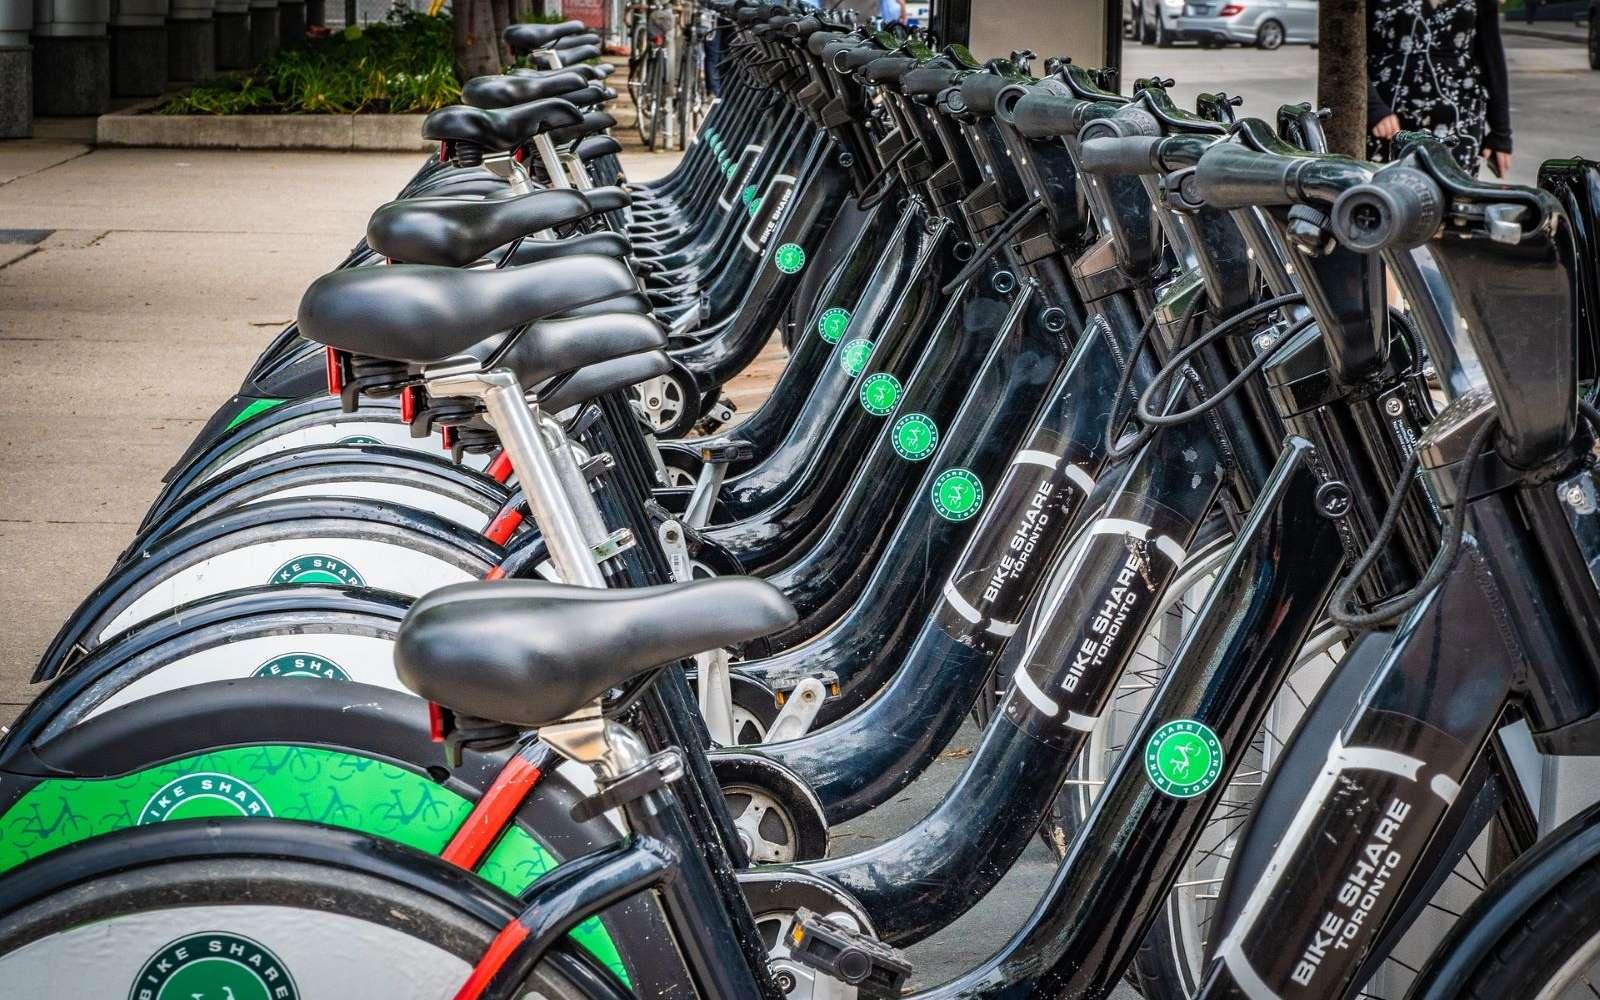 Google Maps s'adapte aux nouveaux moyens de locomotion avec l'arrivée des vélos disponibles en libre-service dans les grandes villes. © SamuelStone, Pixabay